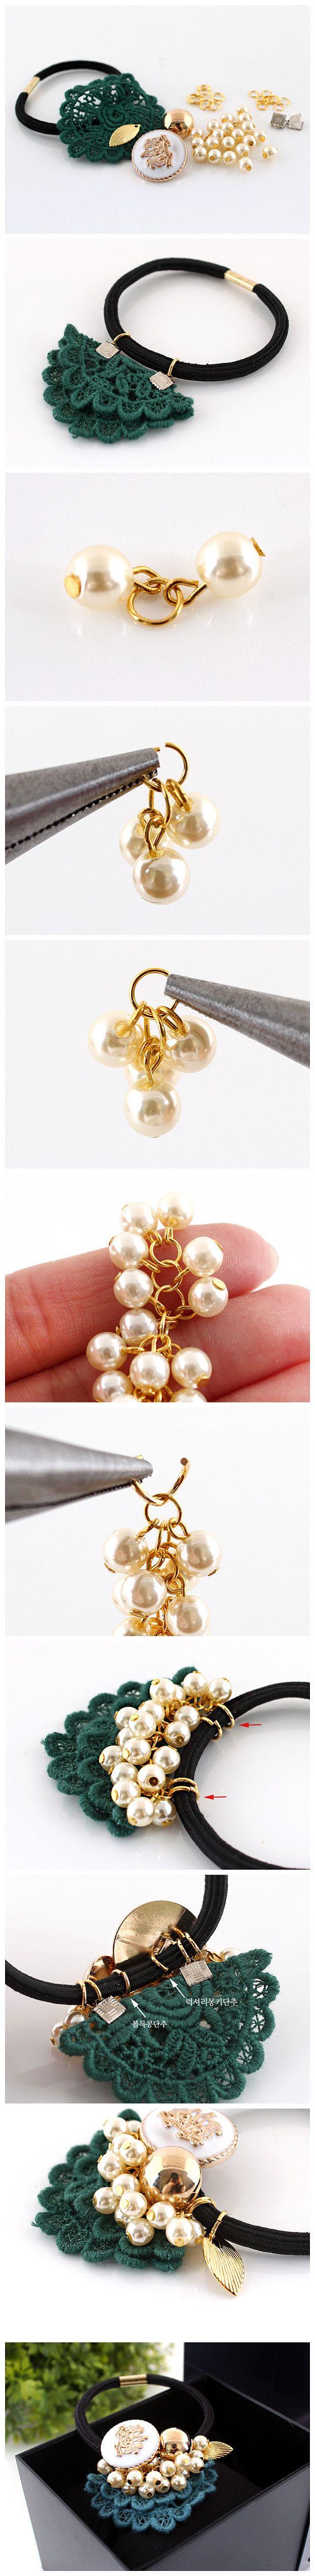 DIY – elastic hair with pearls